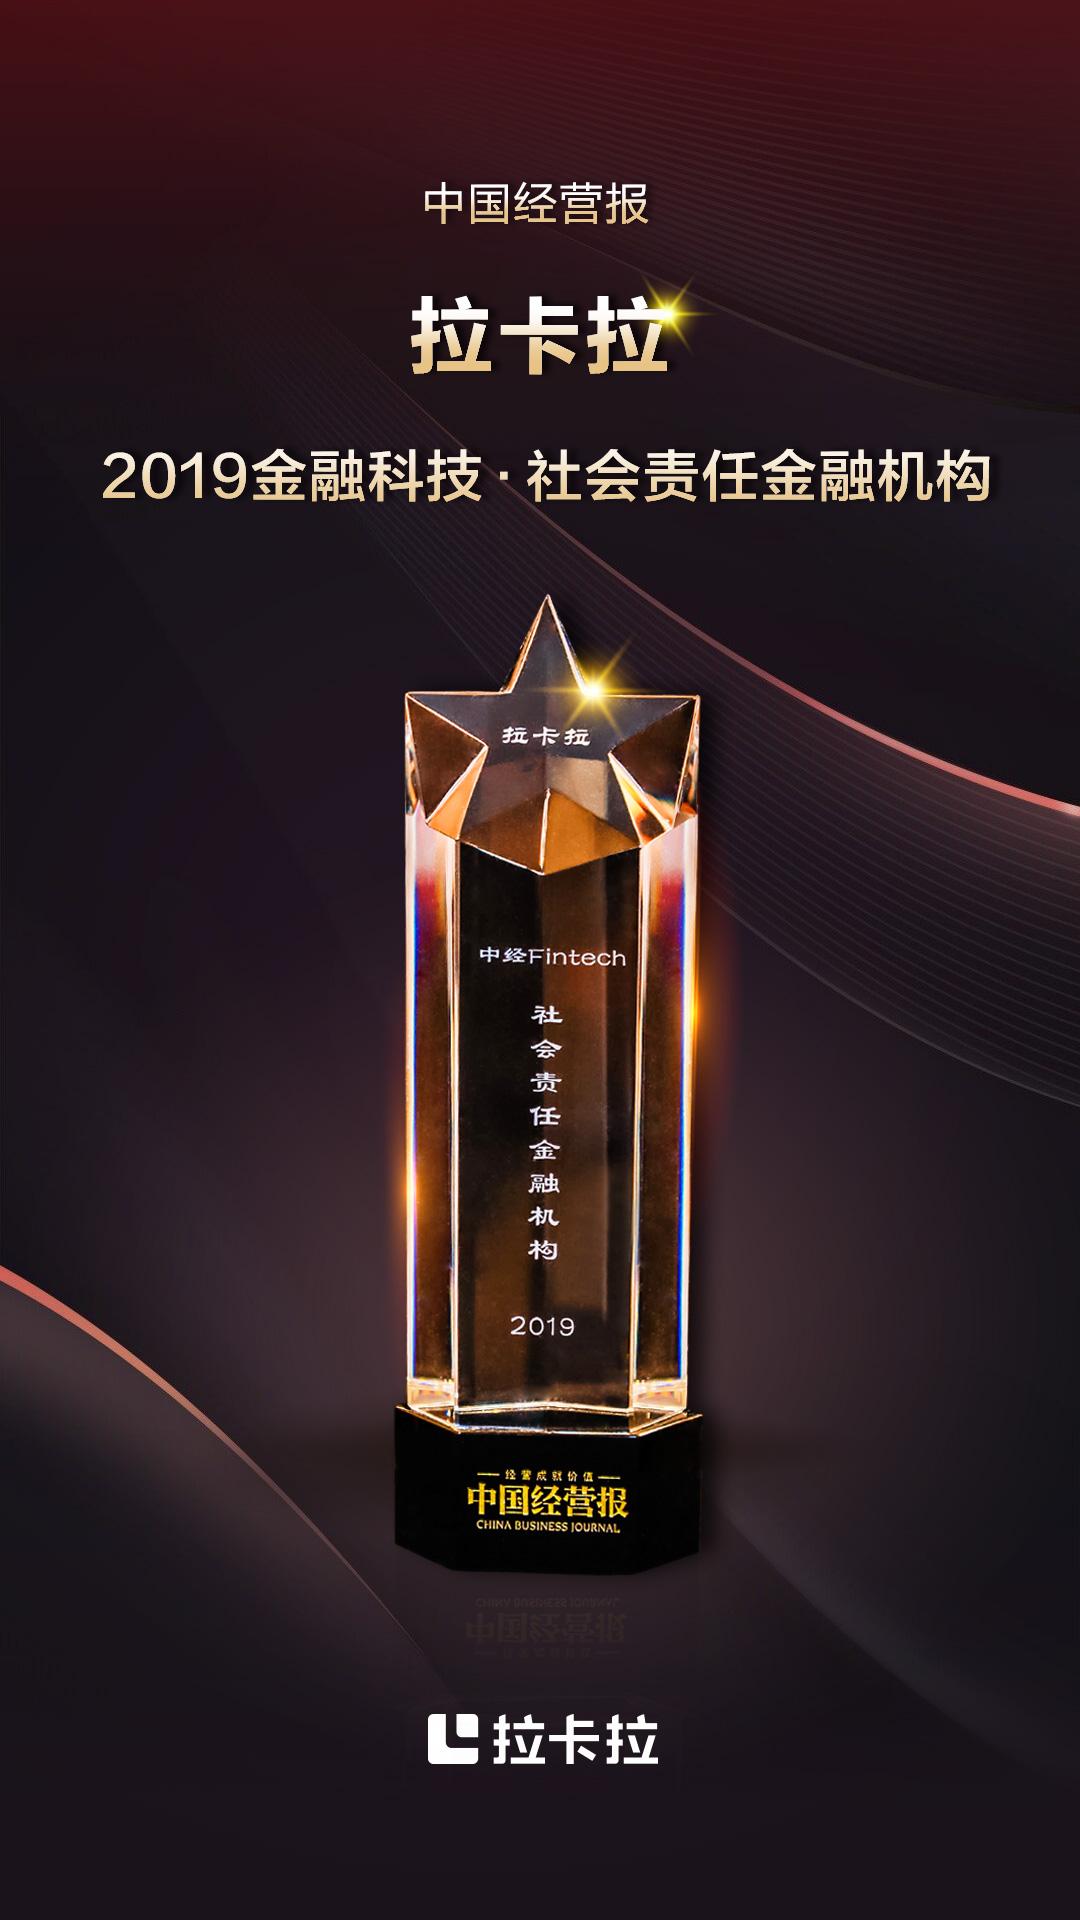 拉卡拉荣膺2019金融科技·社会责任金融机构奖